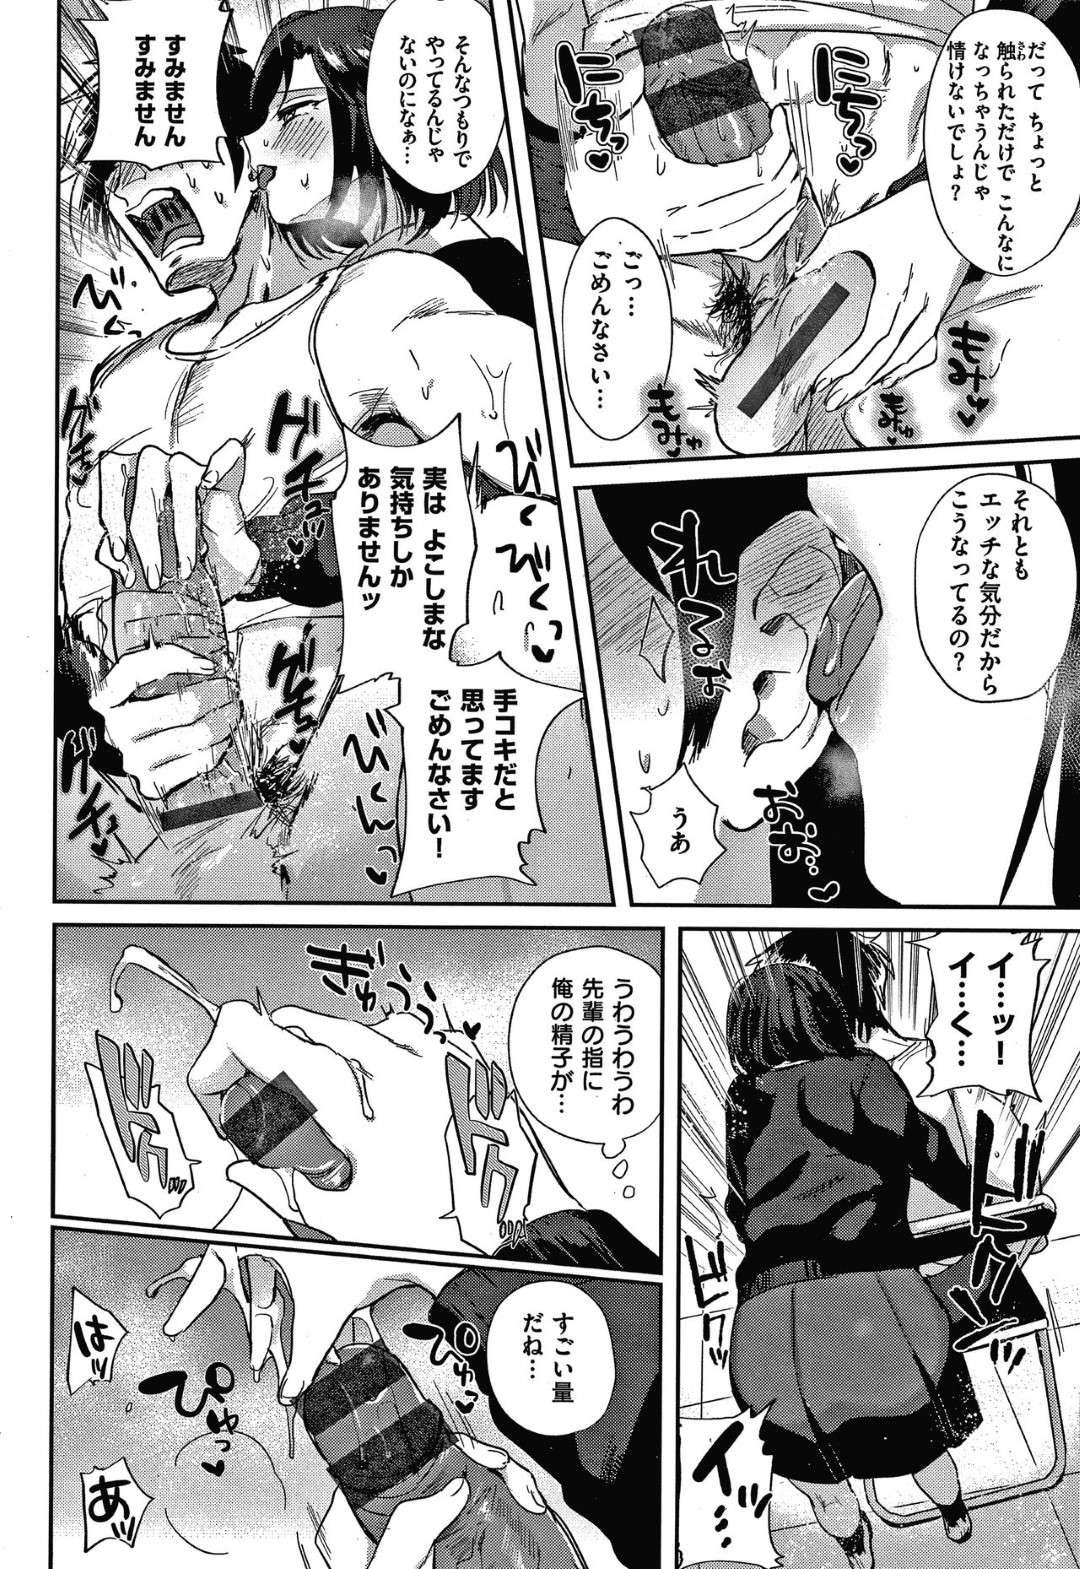 【エロ漫画】生徒会長も務めボクシング同好会にも所属している超多忙な美人JK…ボクシングの練習終わりの男子生徒の筋肉を優しくマッサージし始める!【外山じごく】